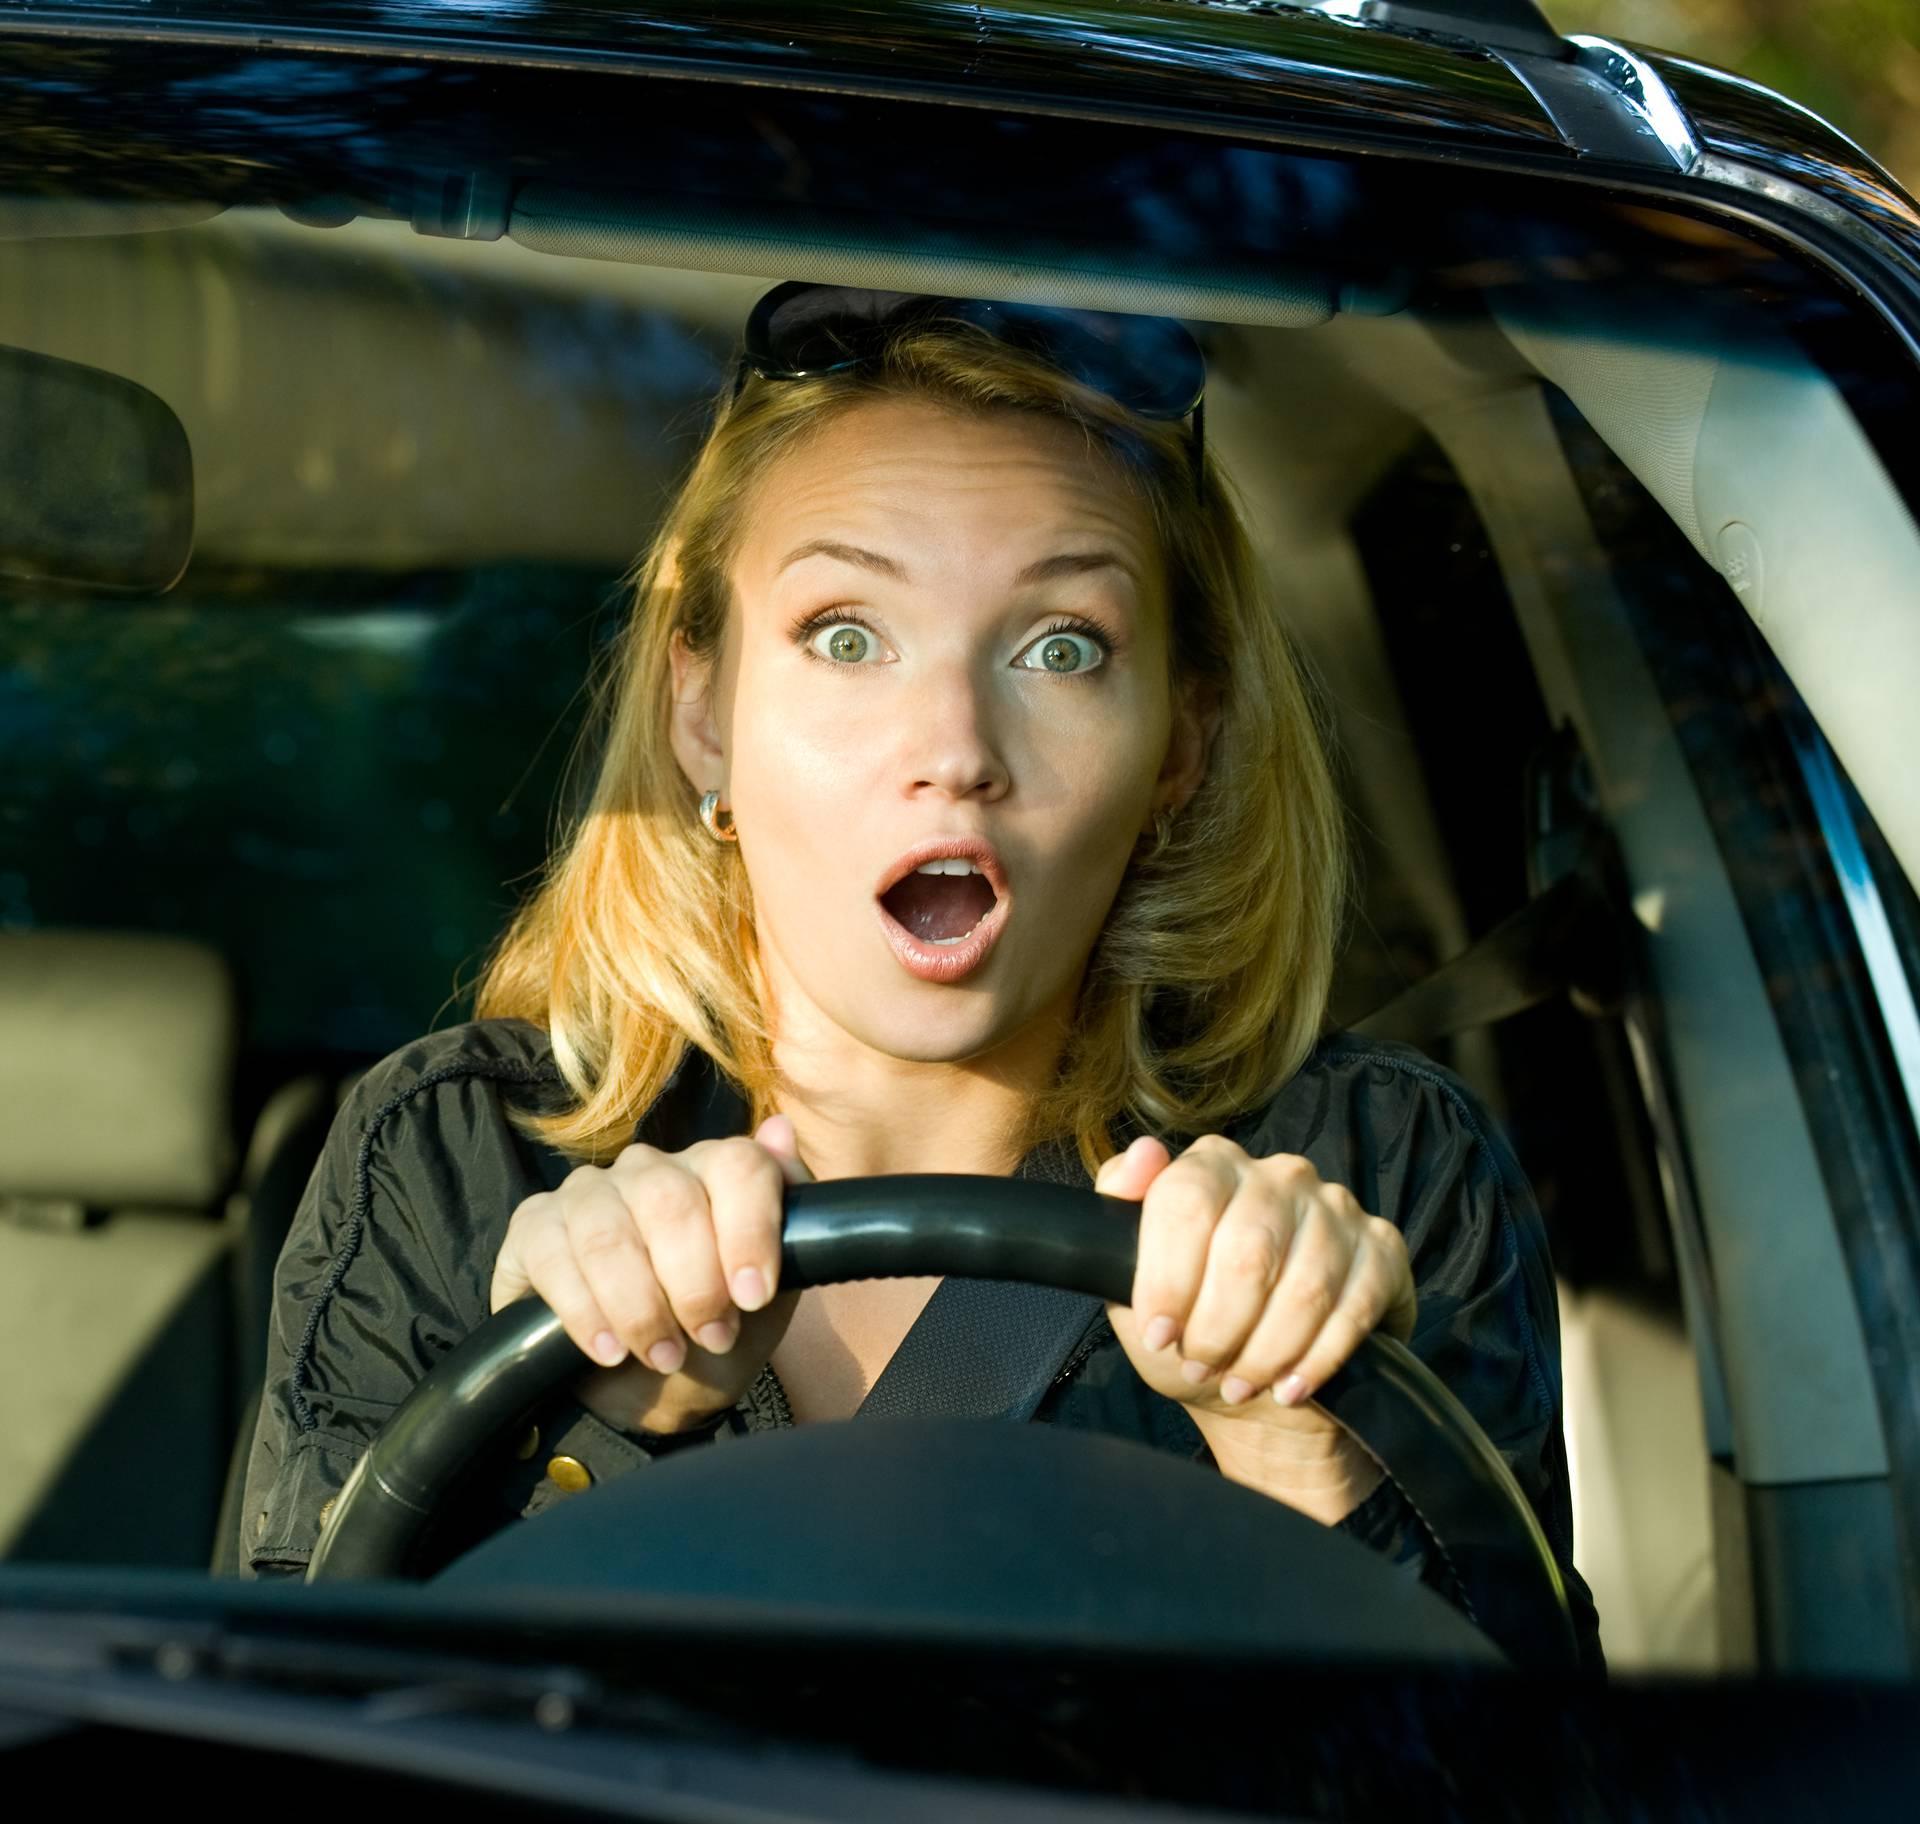 Dokazali da su žene ipak bolje vozačice od muškaraca i zašto